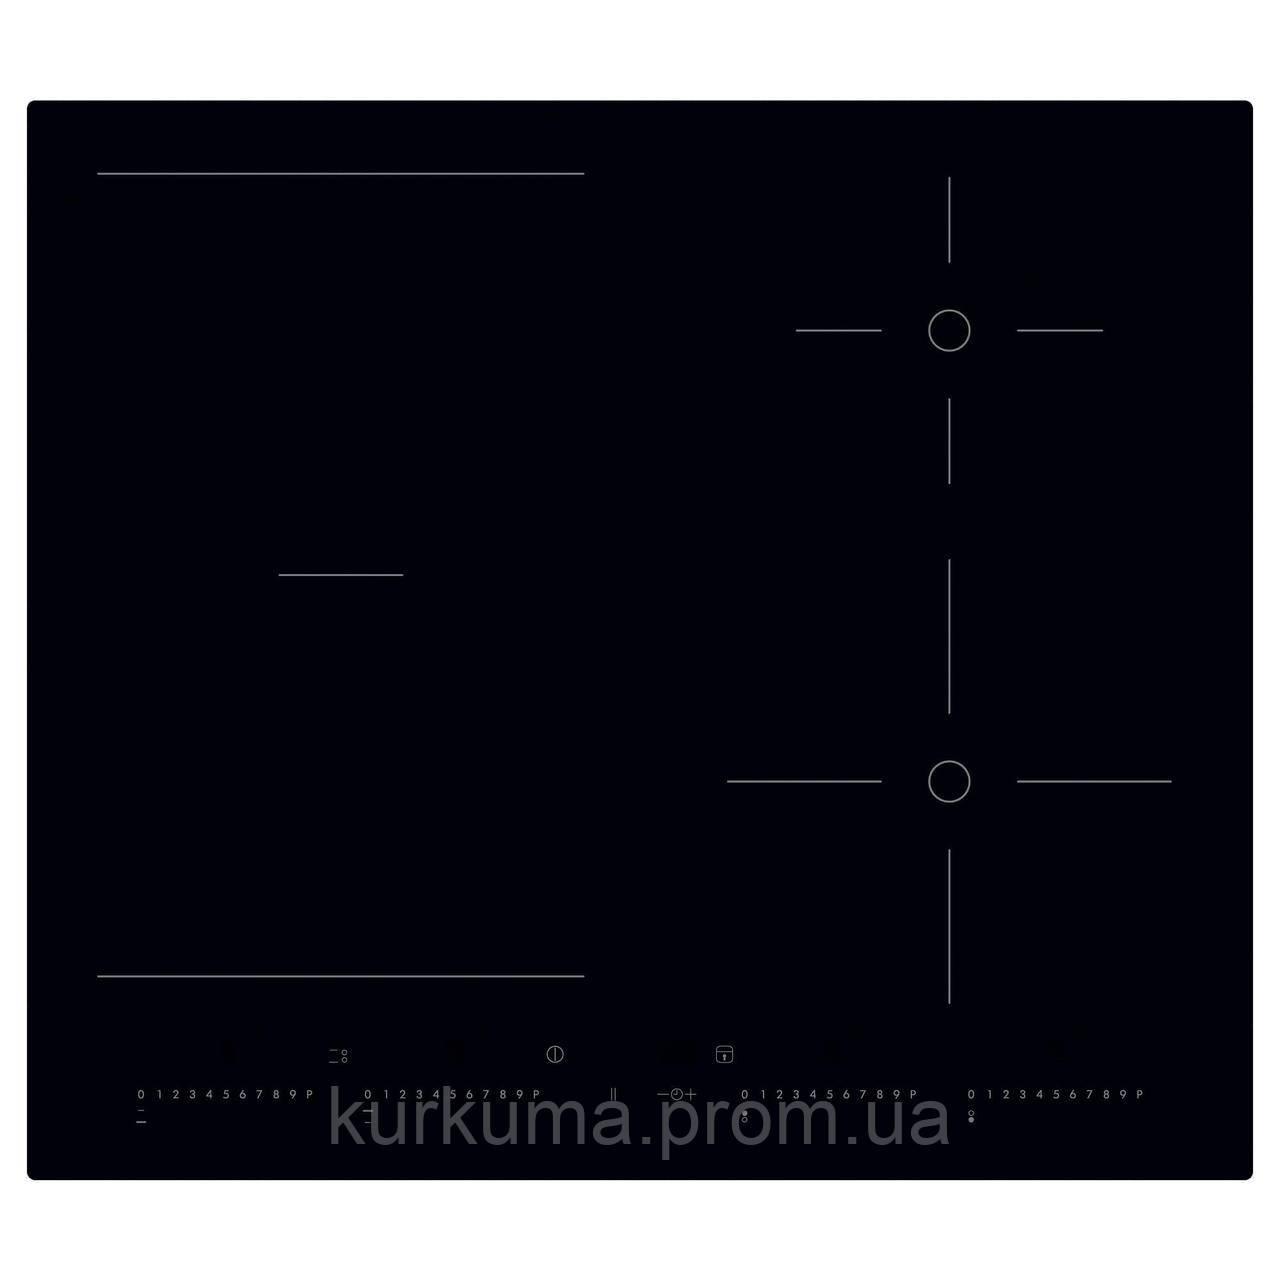 IKEA OTROLIG Индукционная варочная панель, черный  (403.039.34)